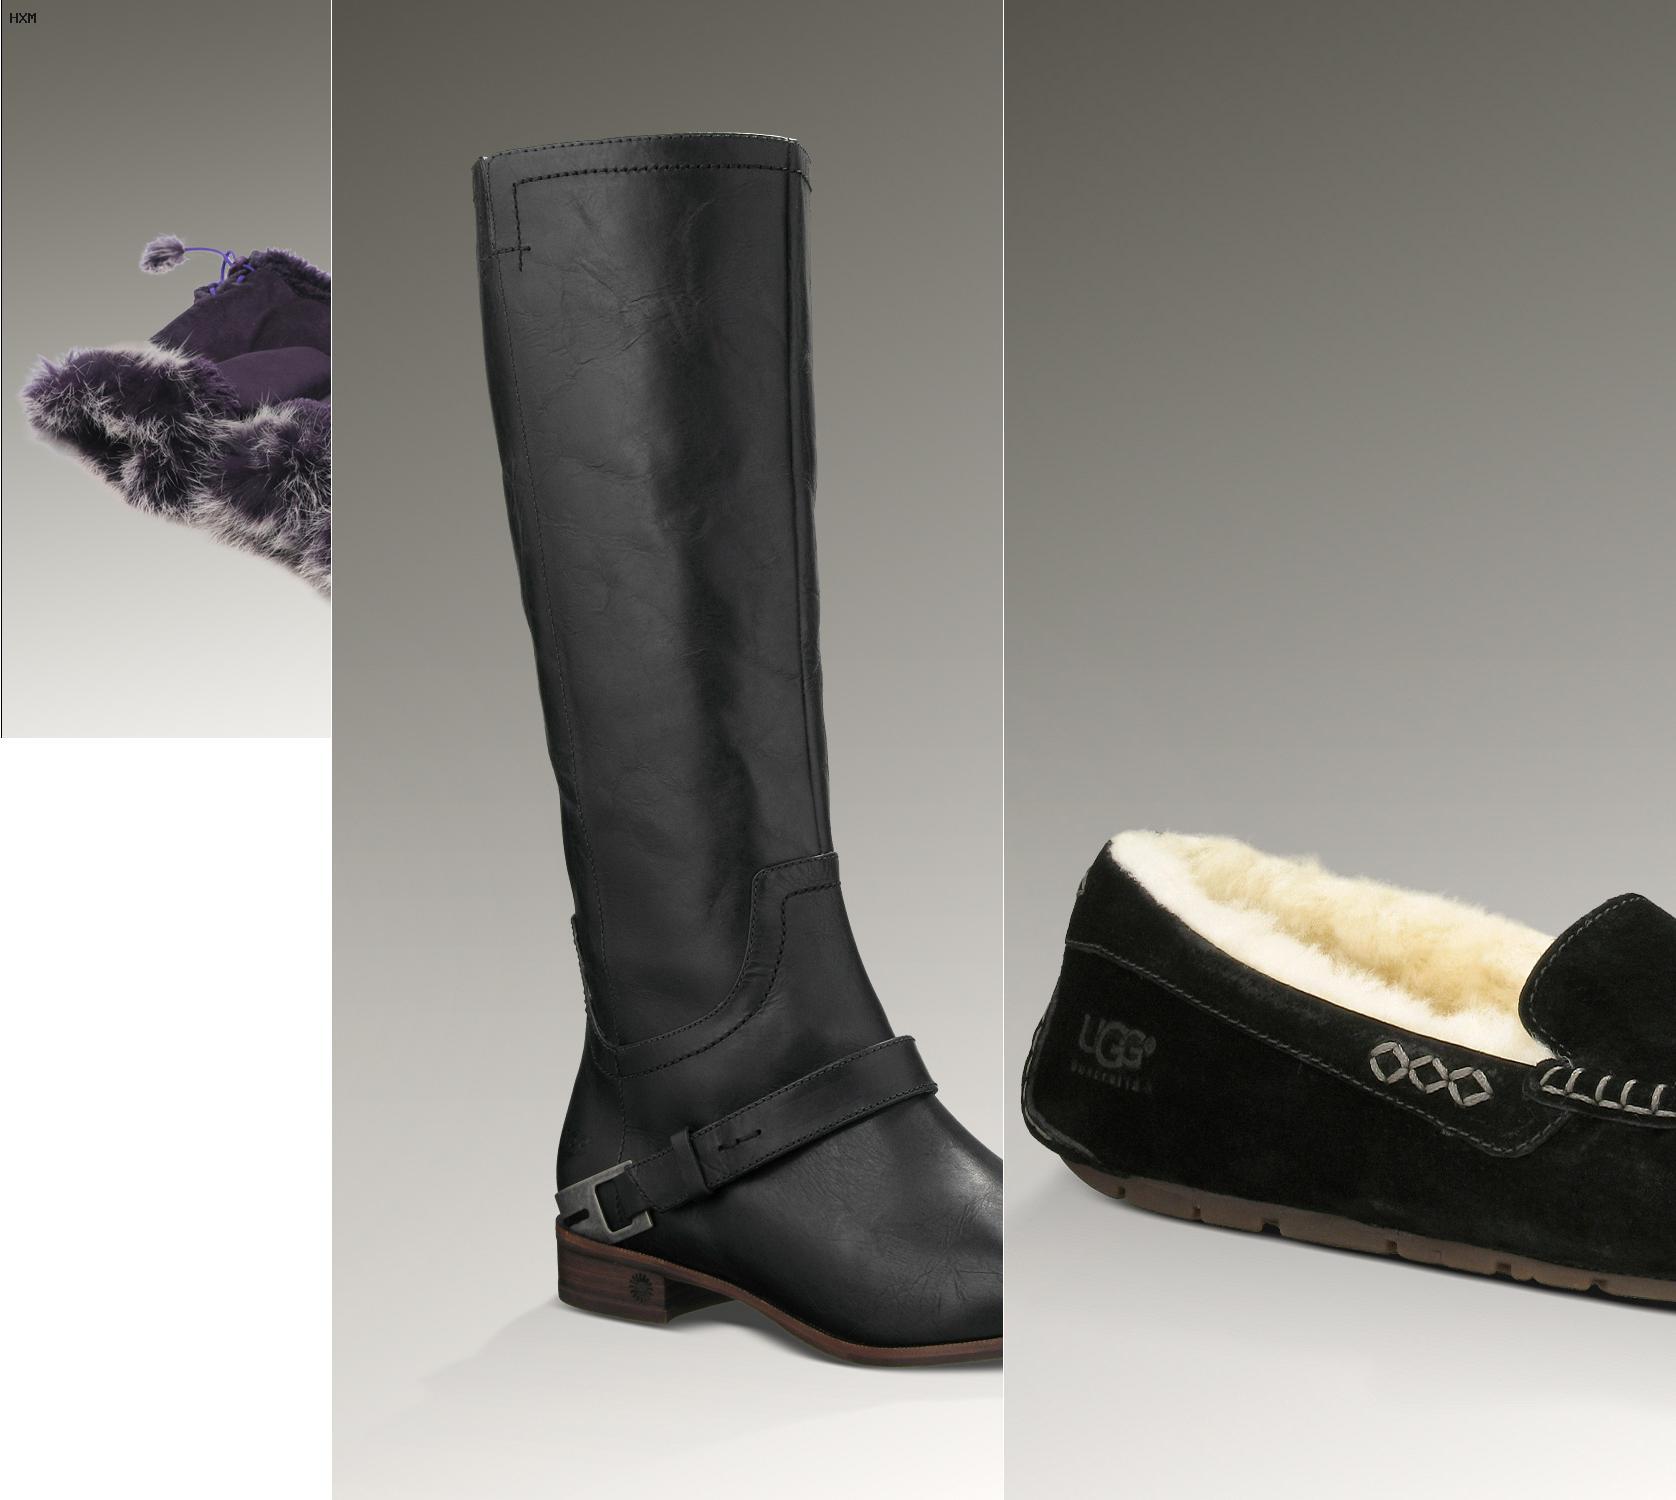 botas de mujer marca ugg